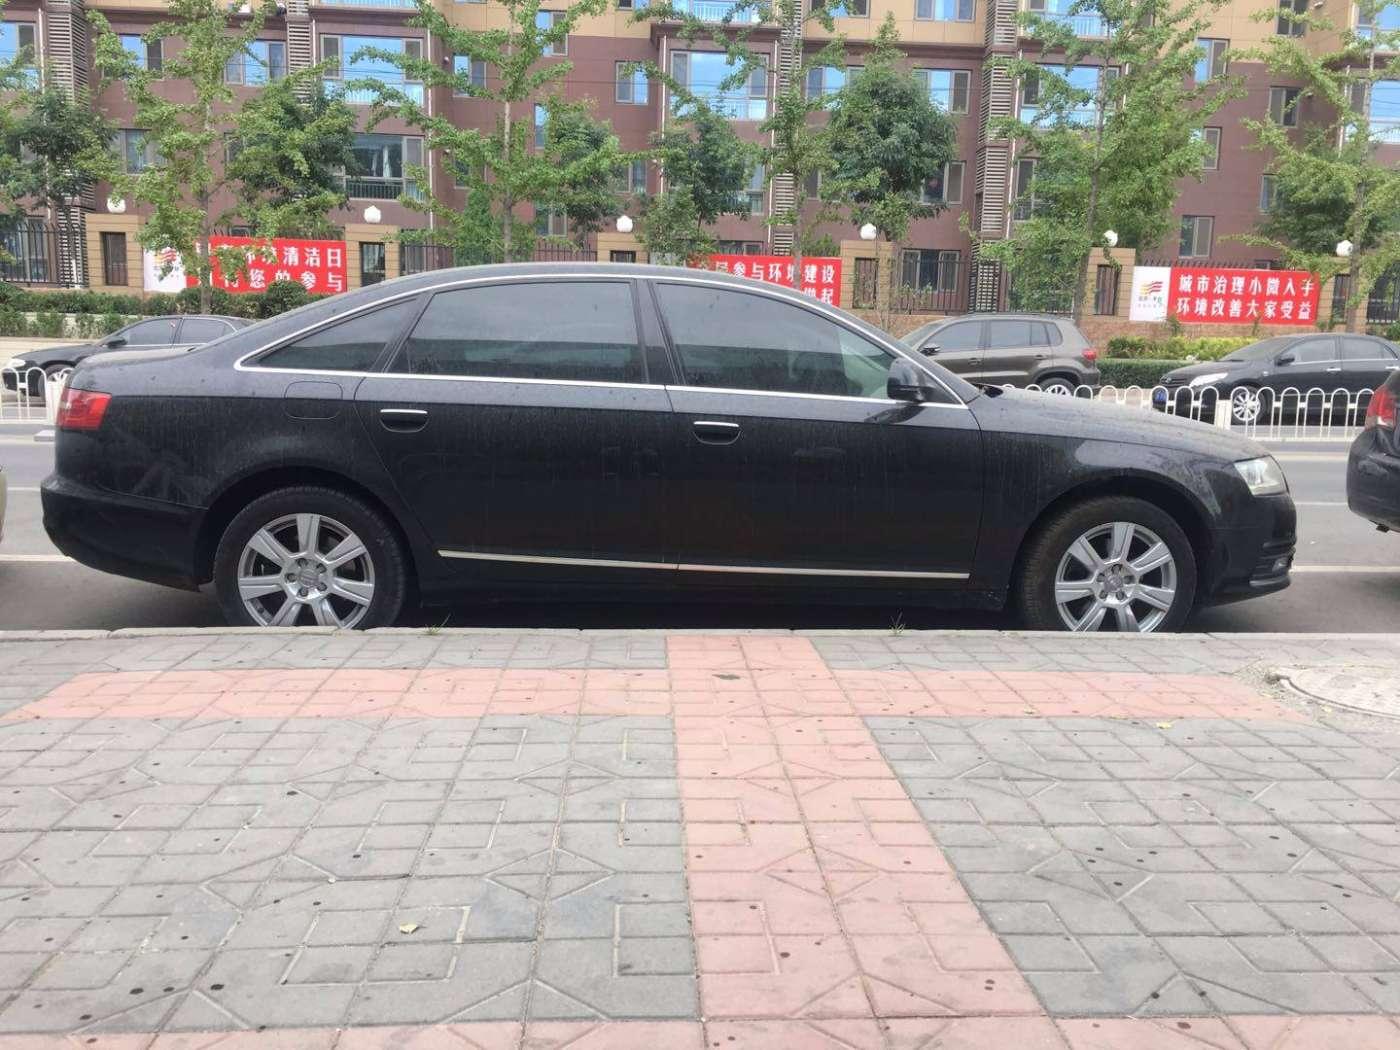 2009年10月 奥迪A6L 2009款 2.4L 豪华型 |甄选奥迪-北京卡斯基汽车服务有限公司